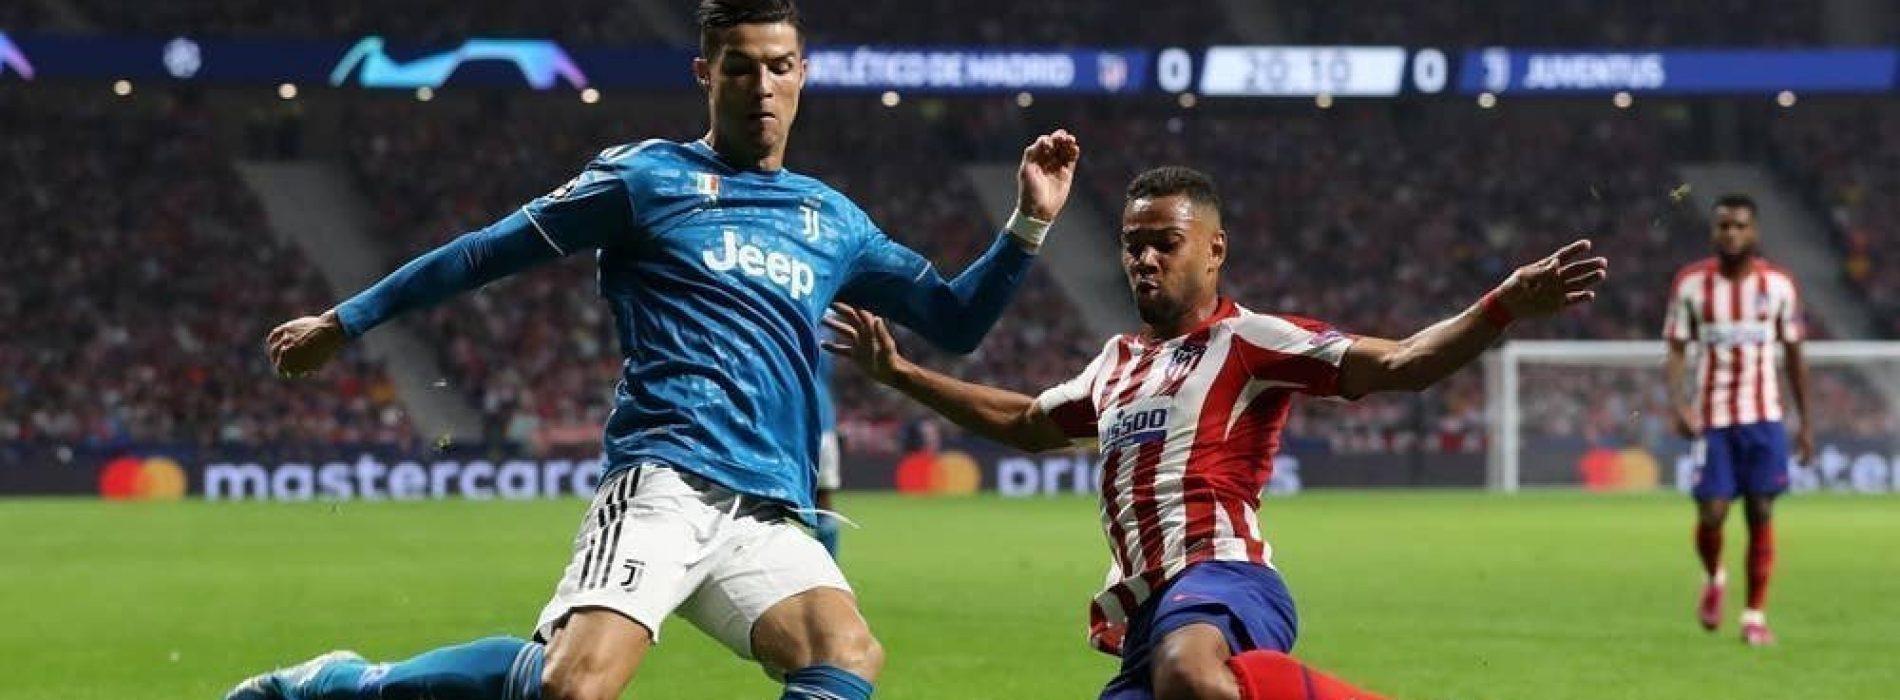 Champions League, bianconeri sciuponi! Finisce 2-2 con l'Atletico Madrid